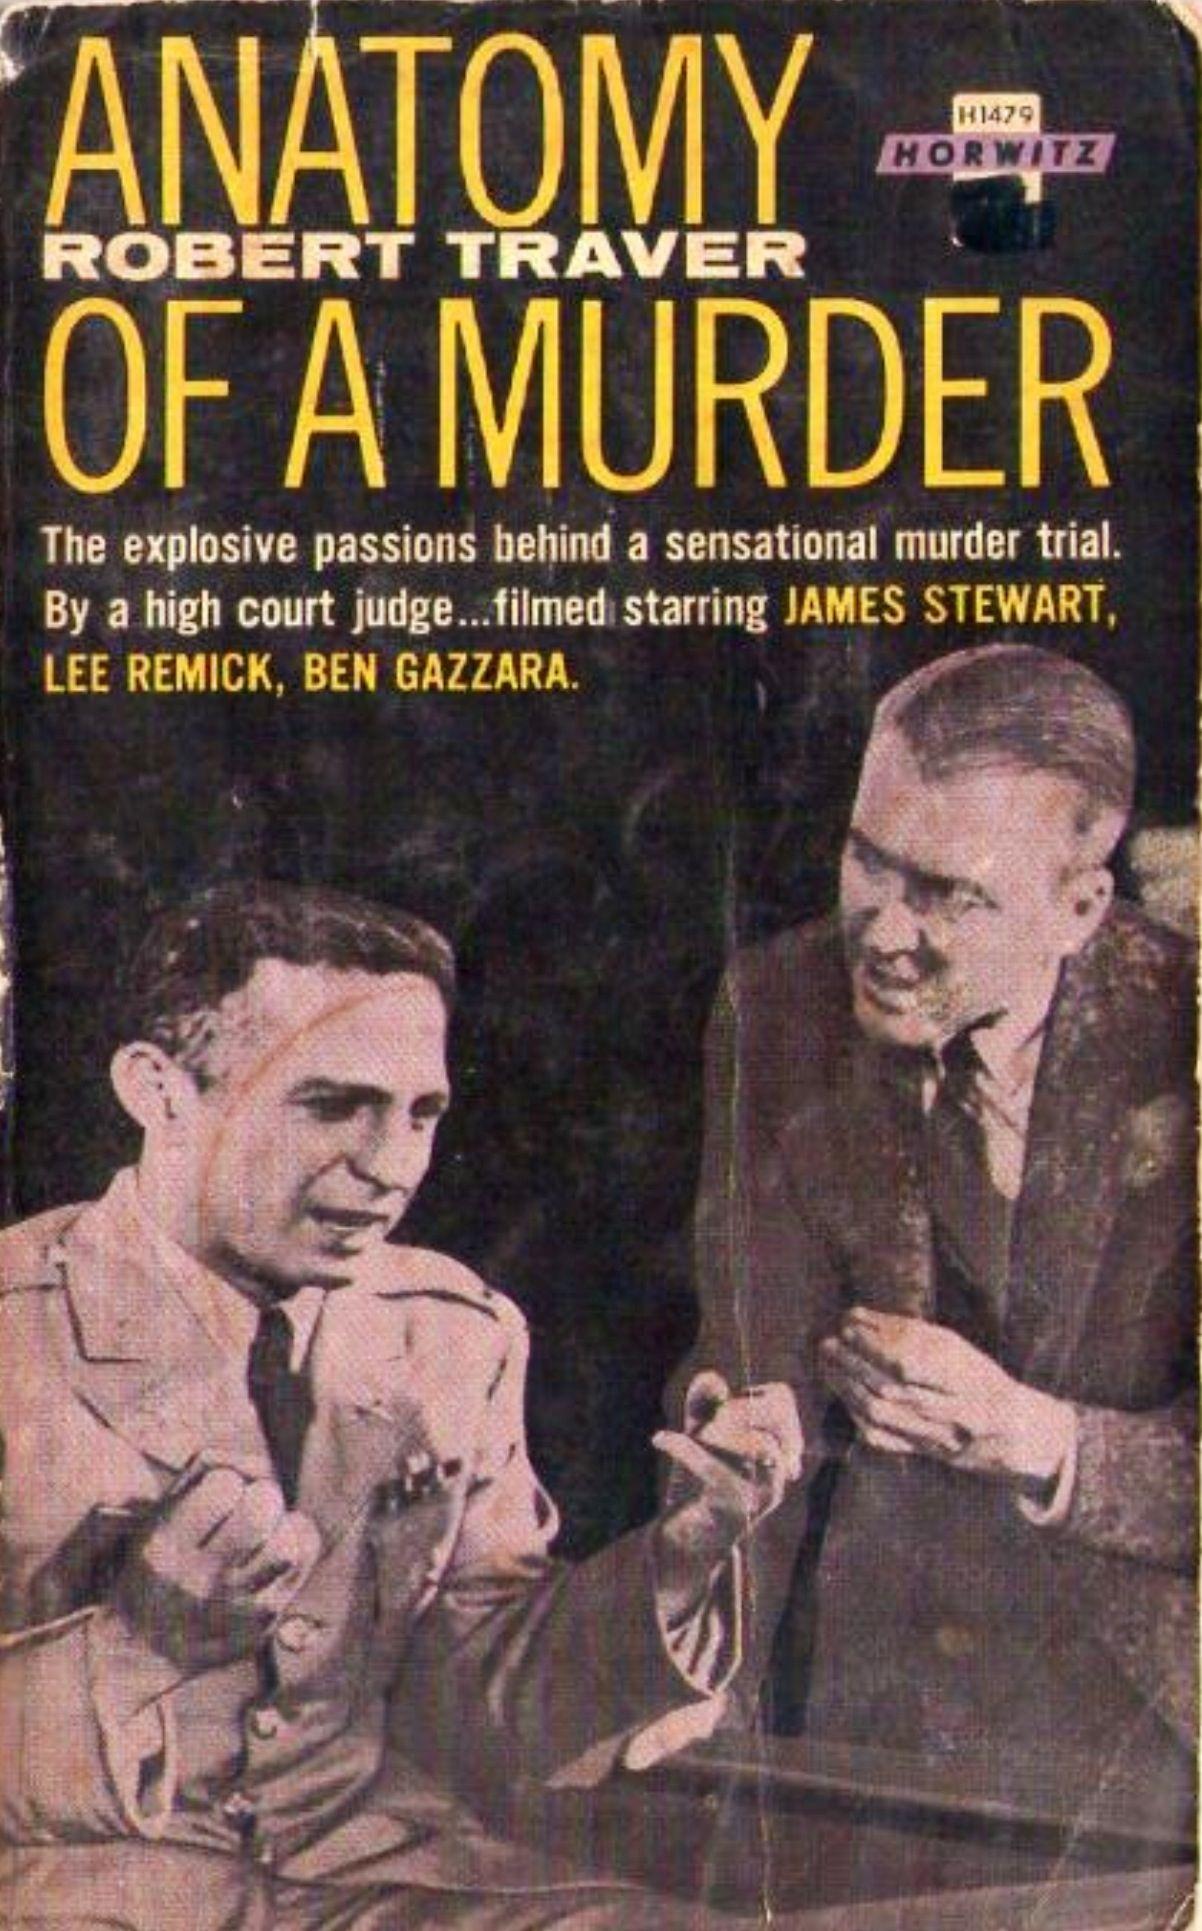 H1479 Anatomy of a Murder Robert Traver 1962   Vintage books ...